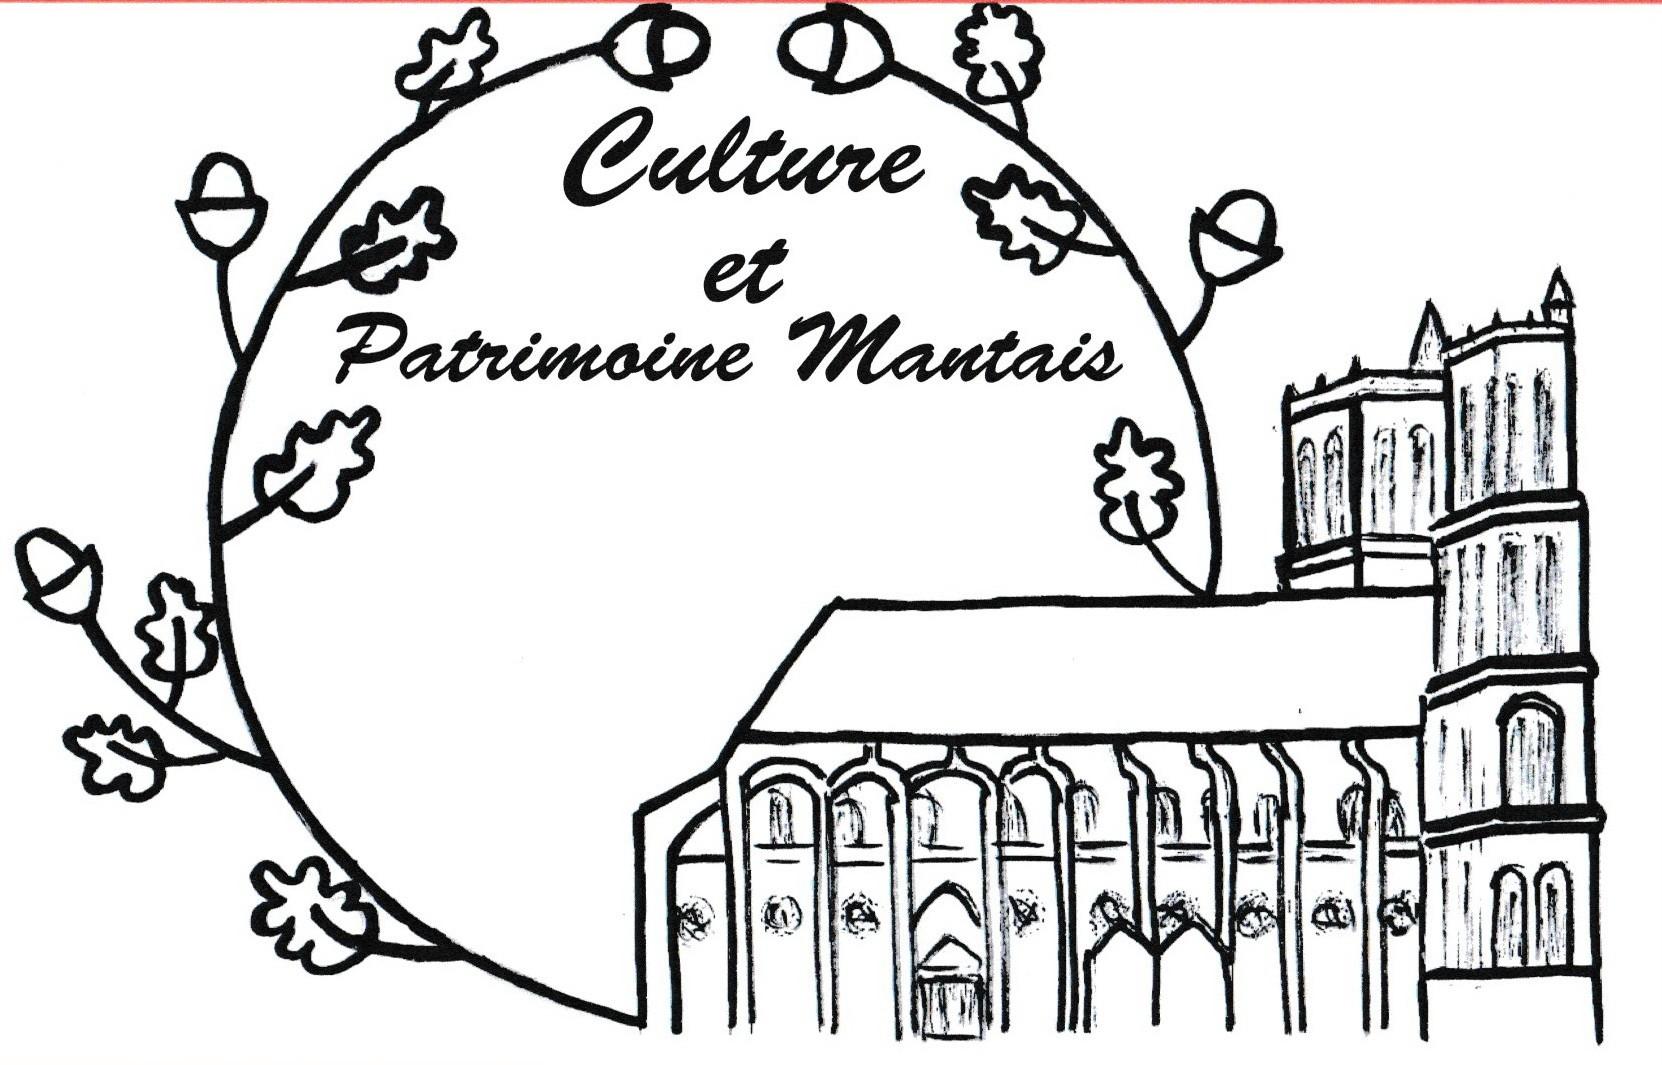 Culture et Patrimoine Mantais